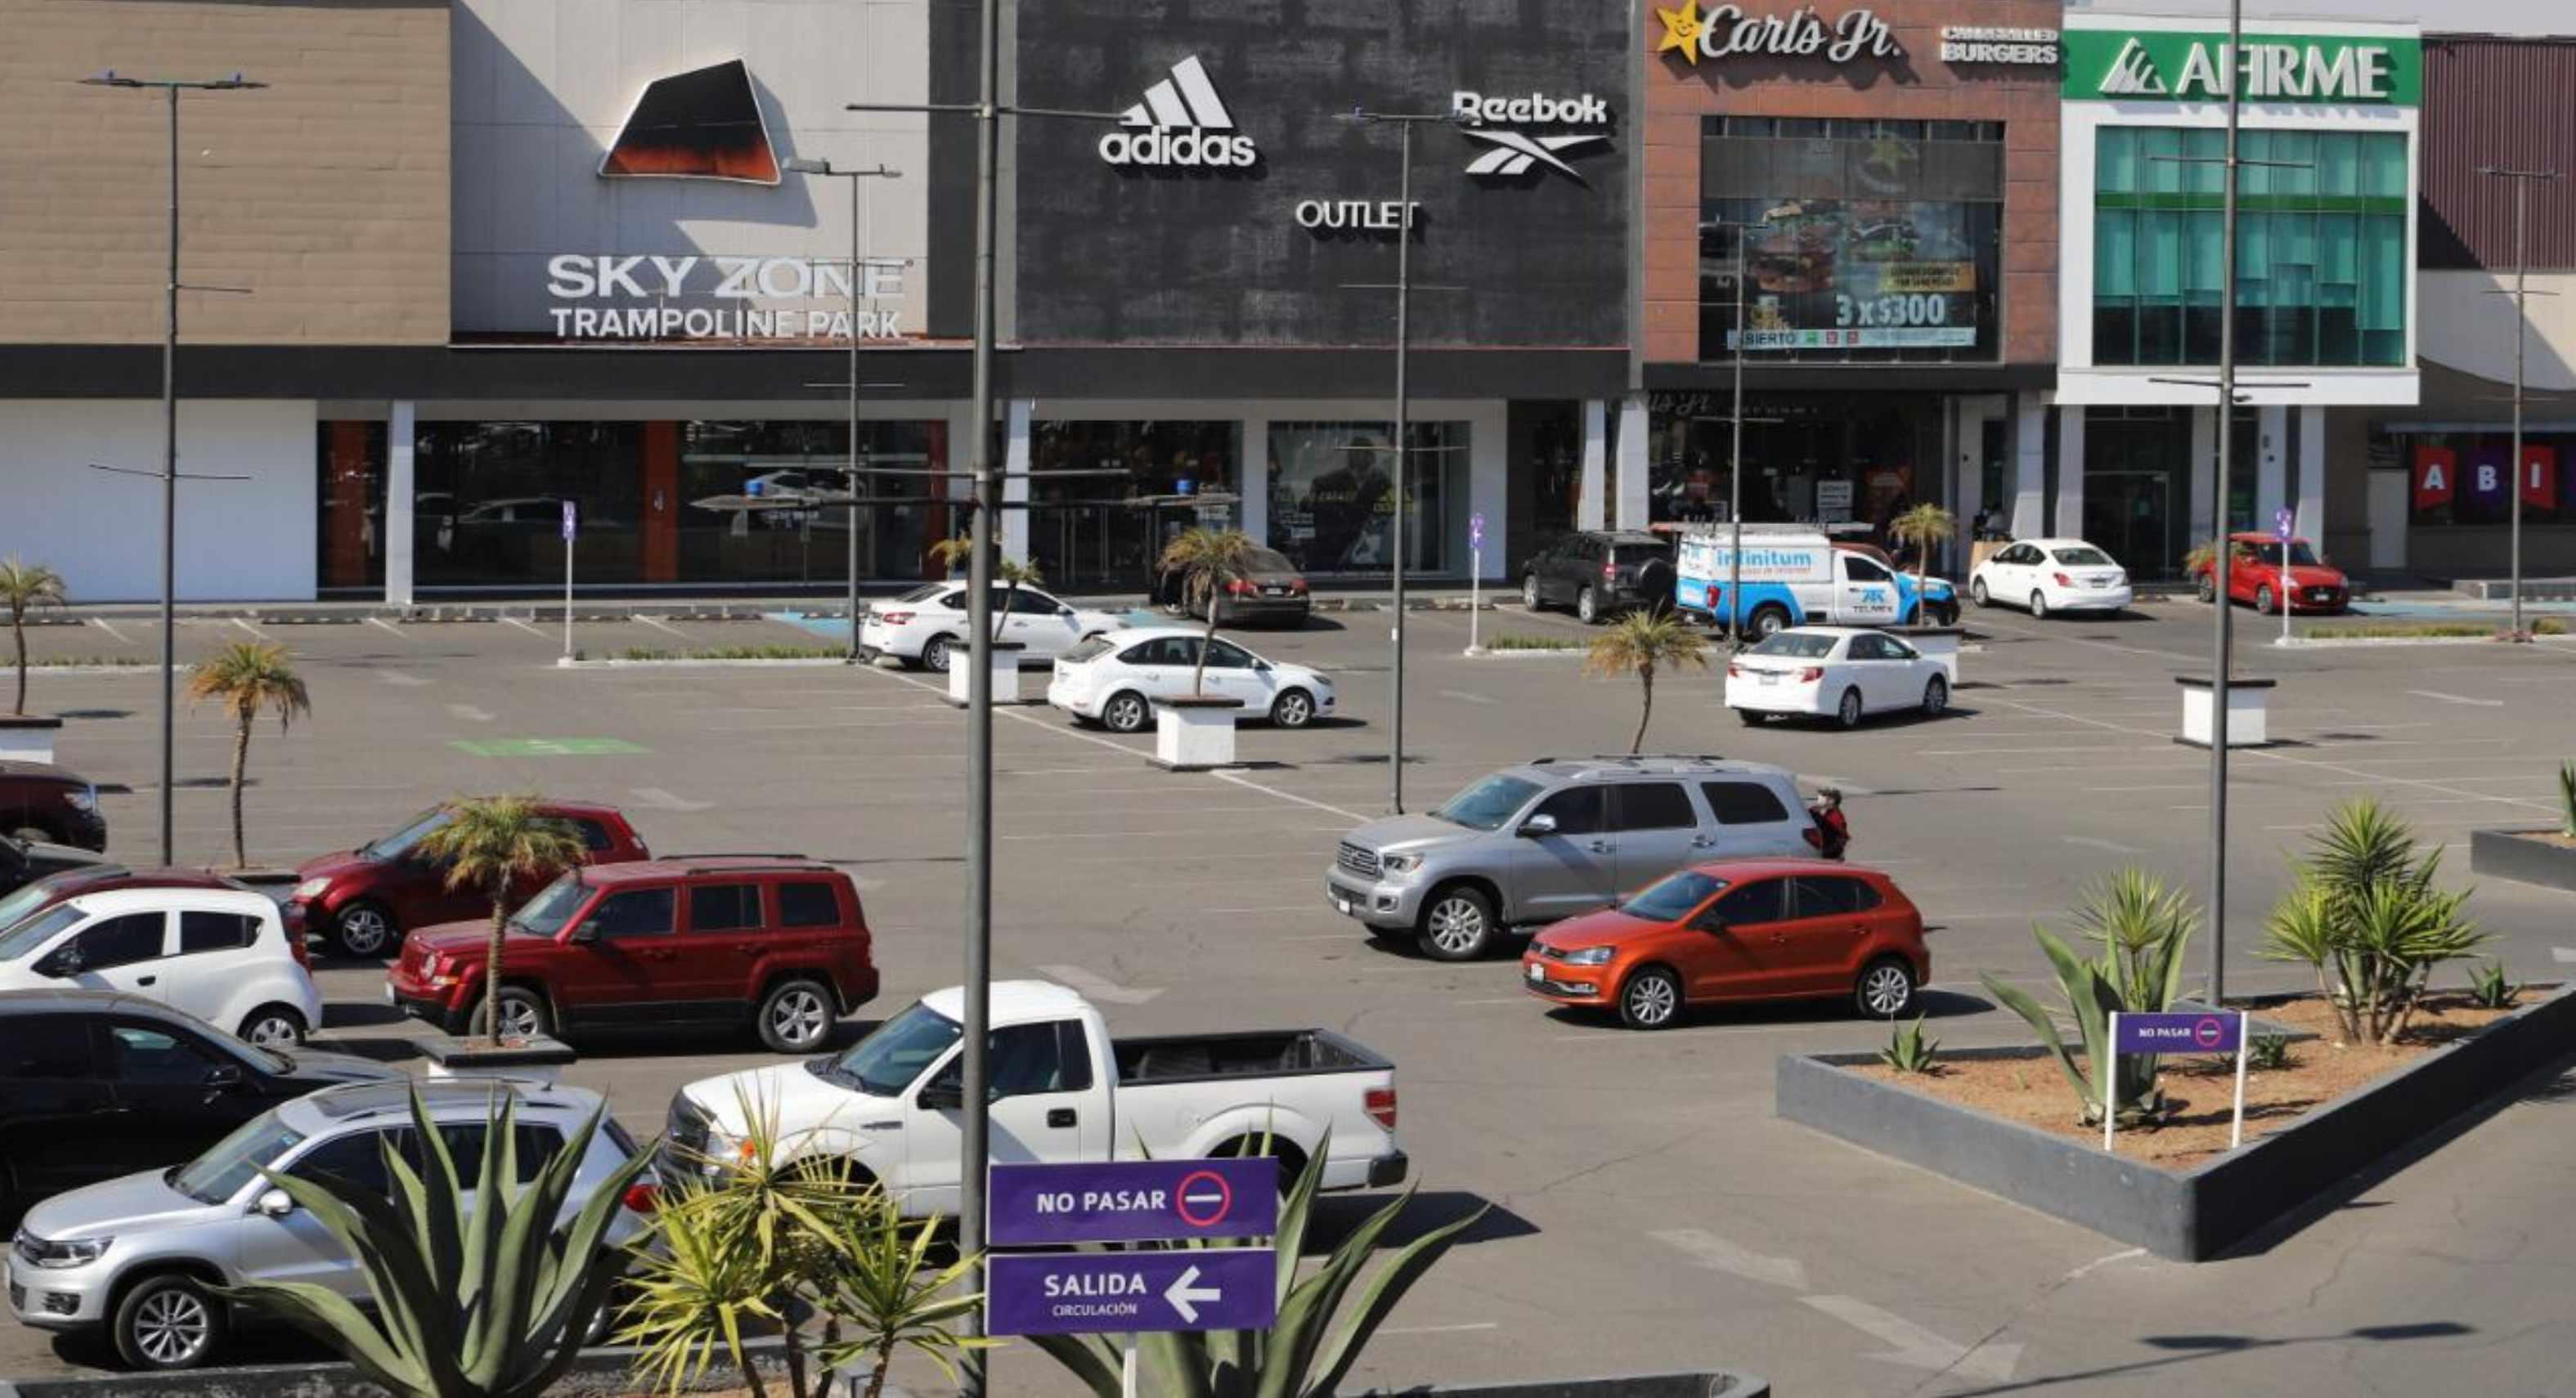 Plazas en Toluca y Metepec ganan amparo para cobrar estacionamiento